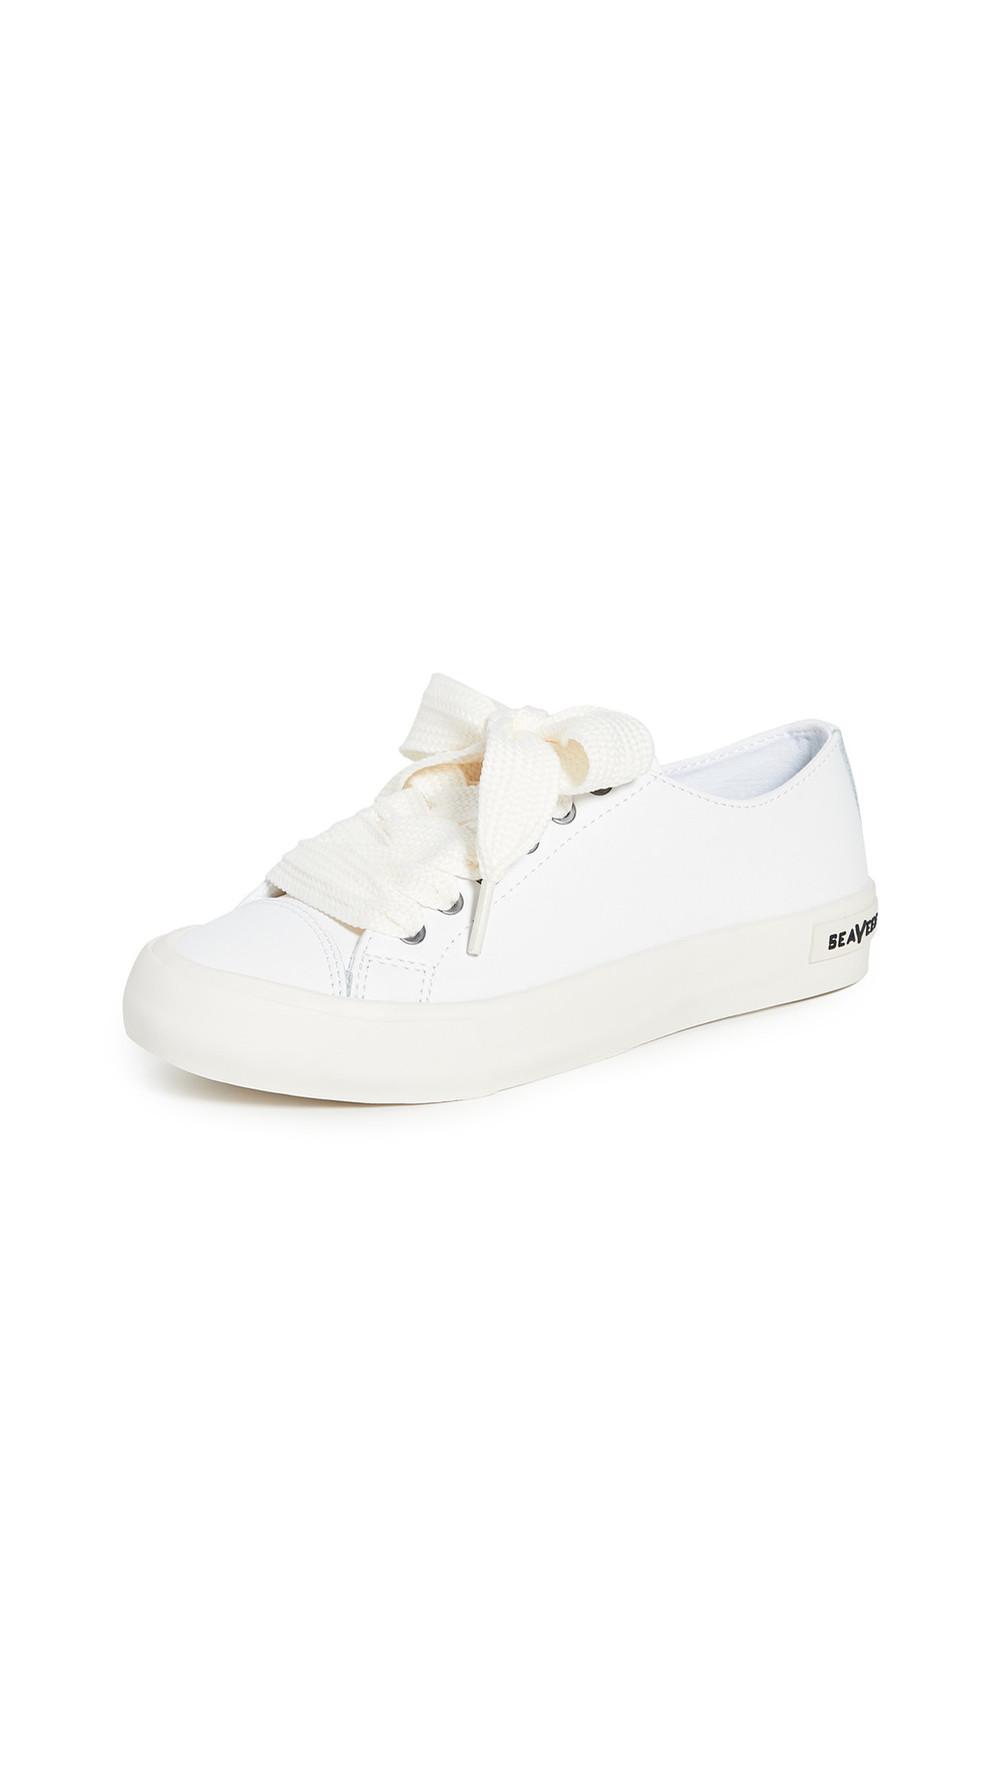 SeaVees Crosby Sneakers in white